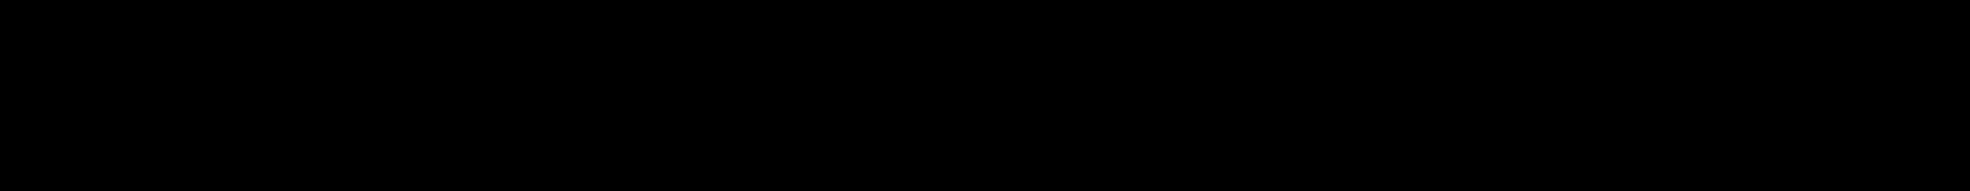 Design System A 300I